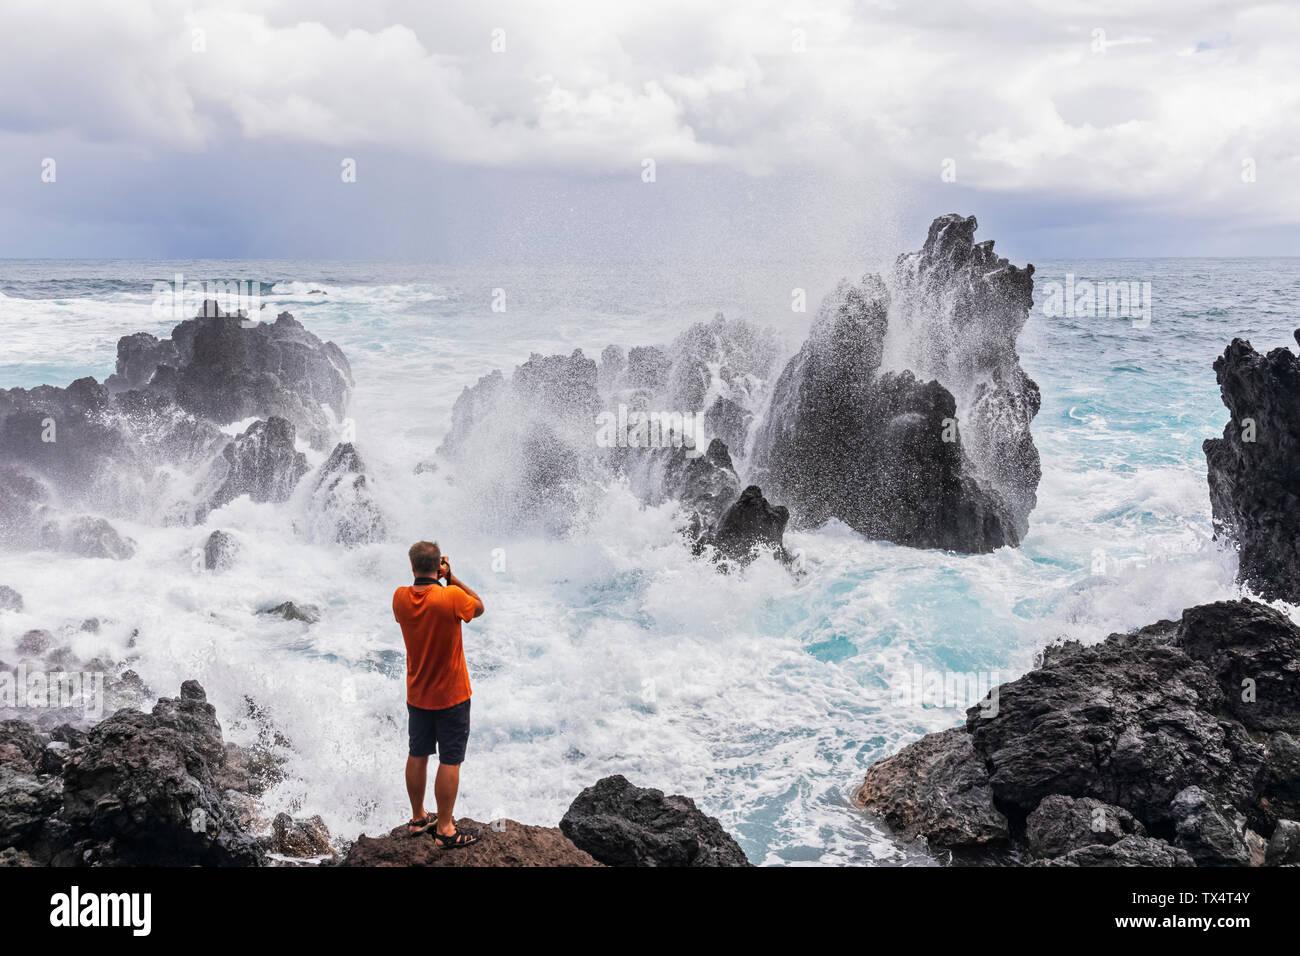 Ee.Uu., Hawai, Isla Grande, Laupahoehoe Beach Park,hombre tomando fotos de Rompiendo olas en la costa rocosa Foto de stock